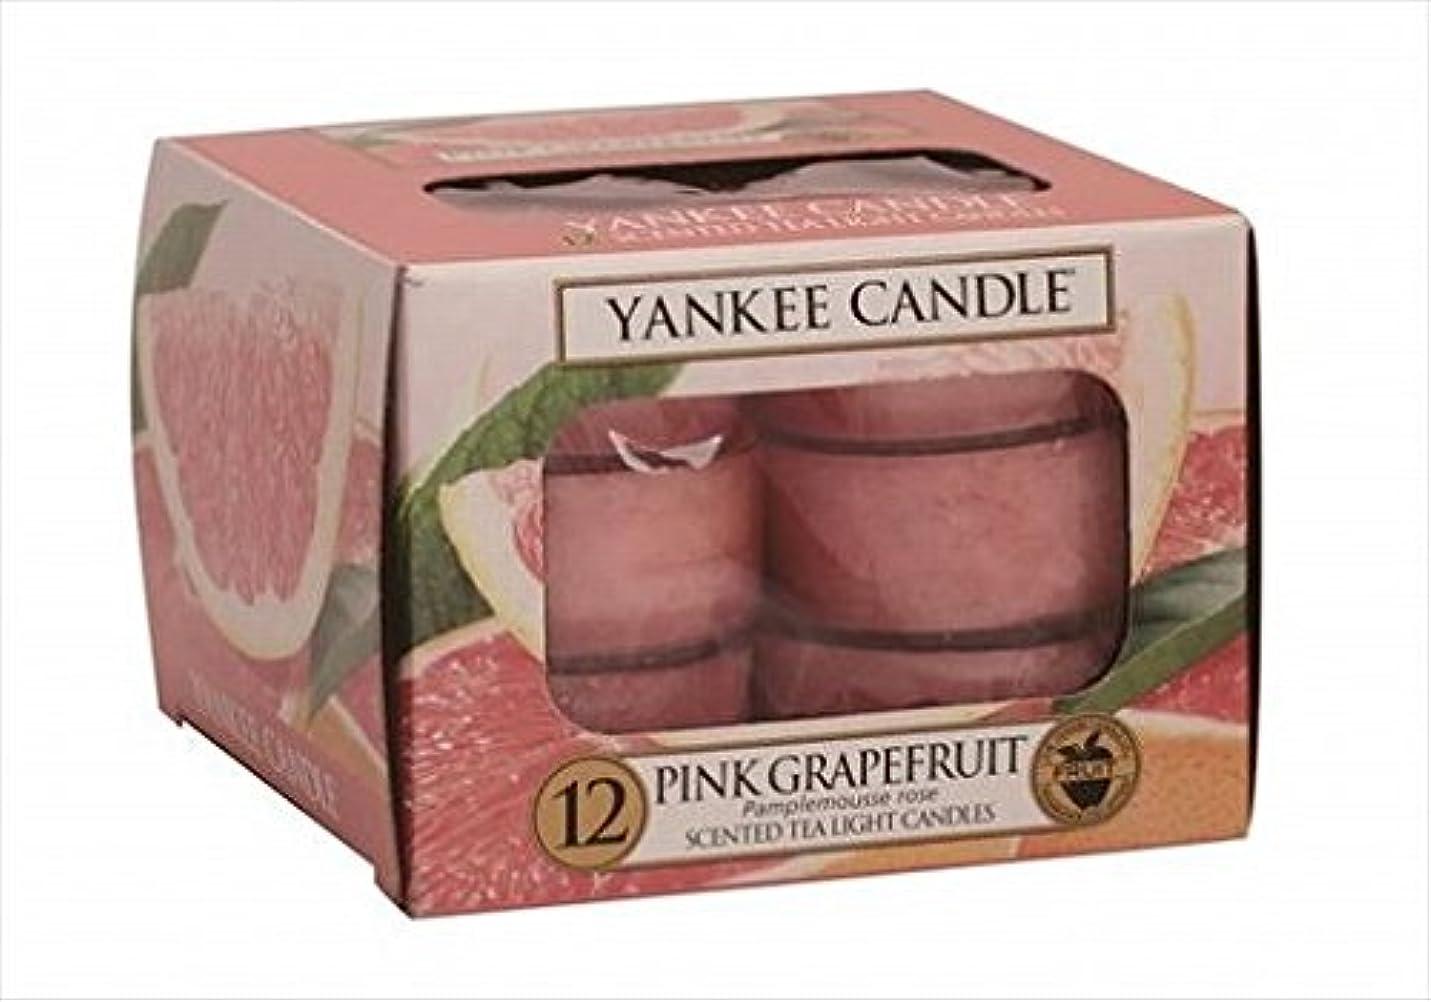 むしろ反動タイプライターYANKEE CANDLE(ヤンキーキャンドル) YANKEE CANDLEクリアカップティーライト12個入り 「 ピンクグレープフルーツ 」 キャンドル 40x40x22mm フルーツ系(K00505258)